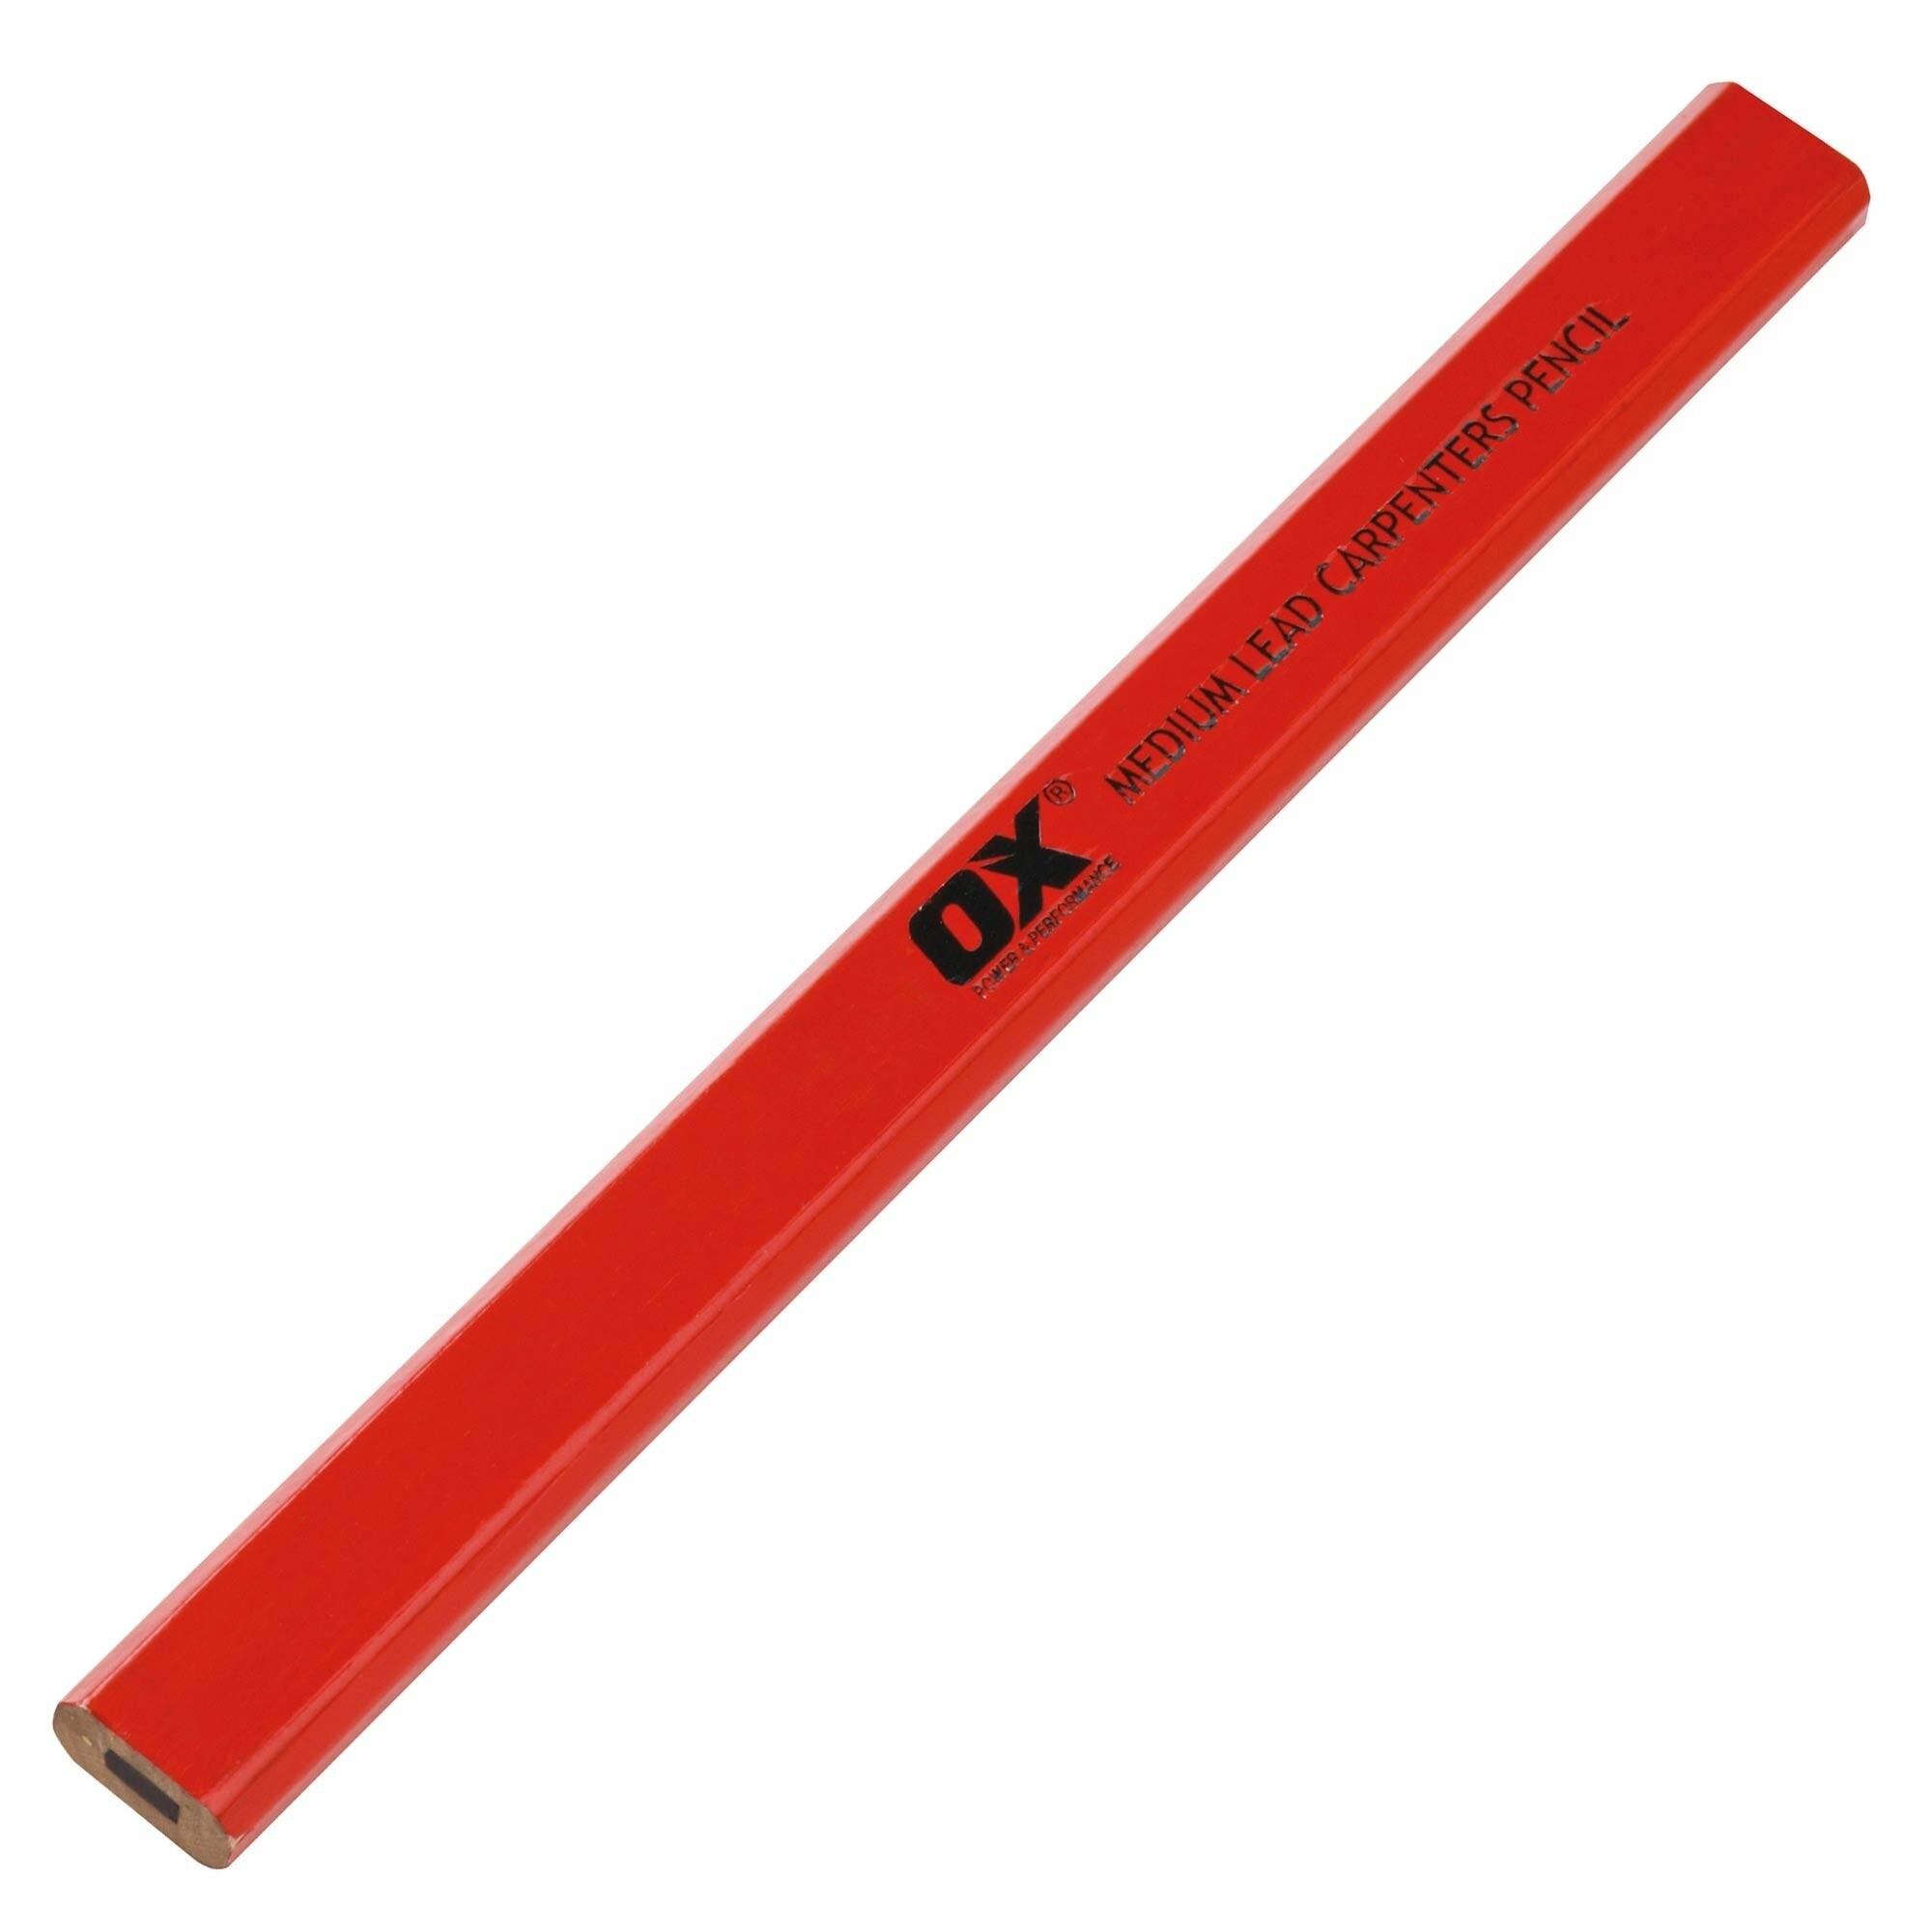 Trade Medium Red Carpenters Pencils 10pk